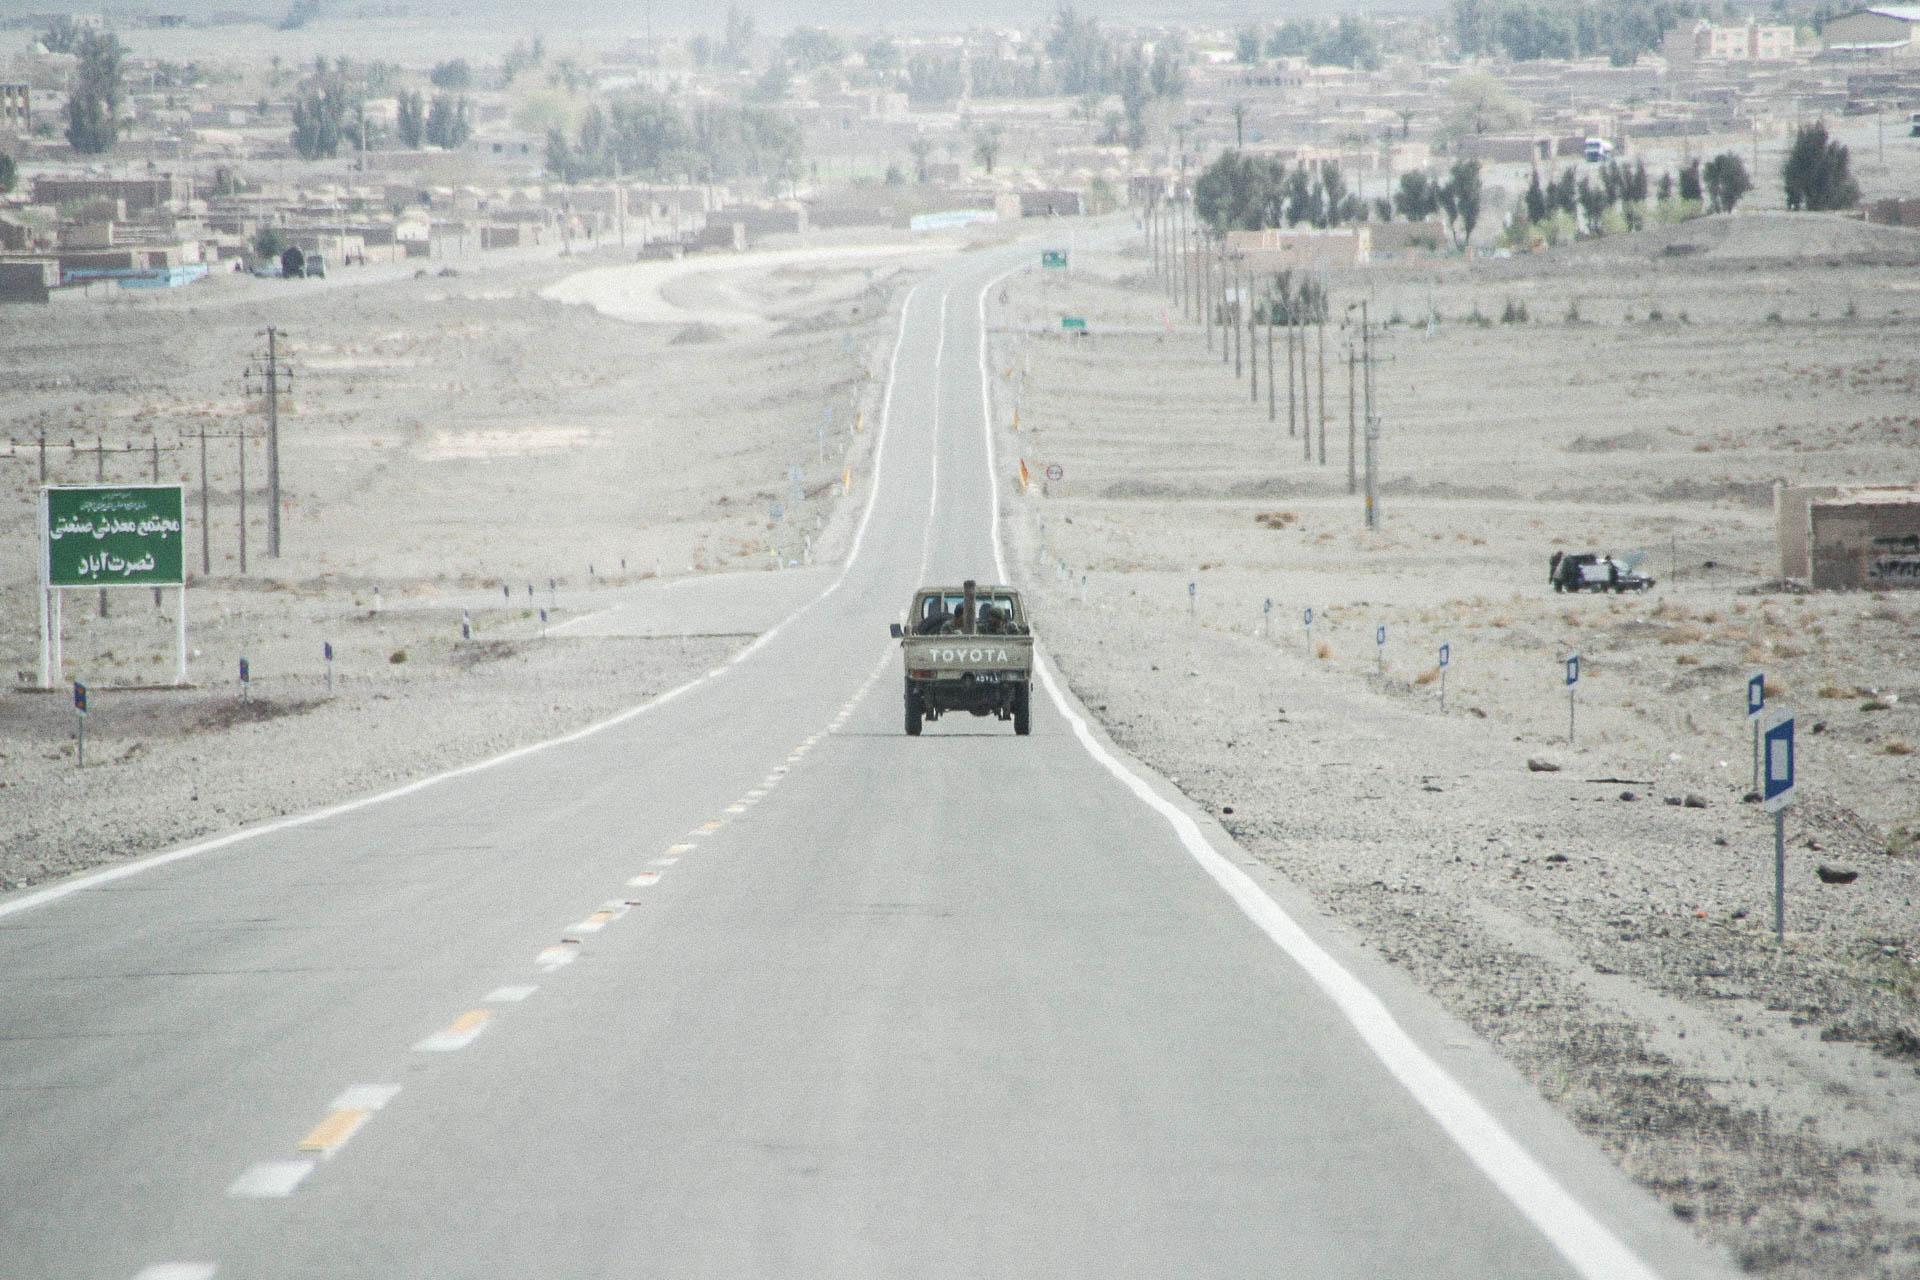 Toyota auf der Landstrasse